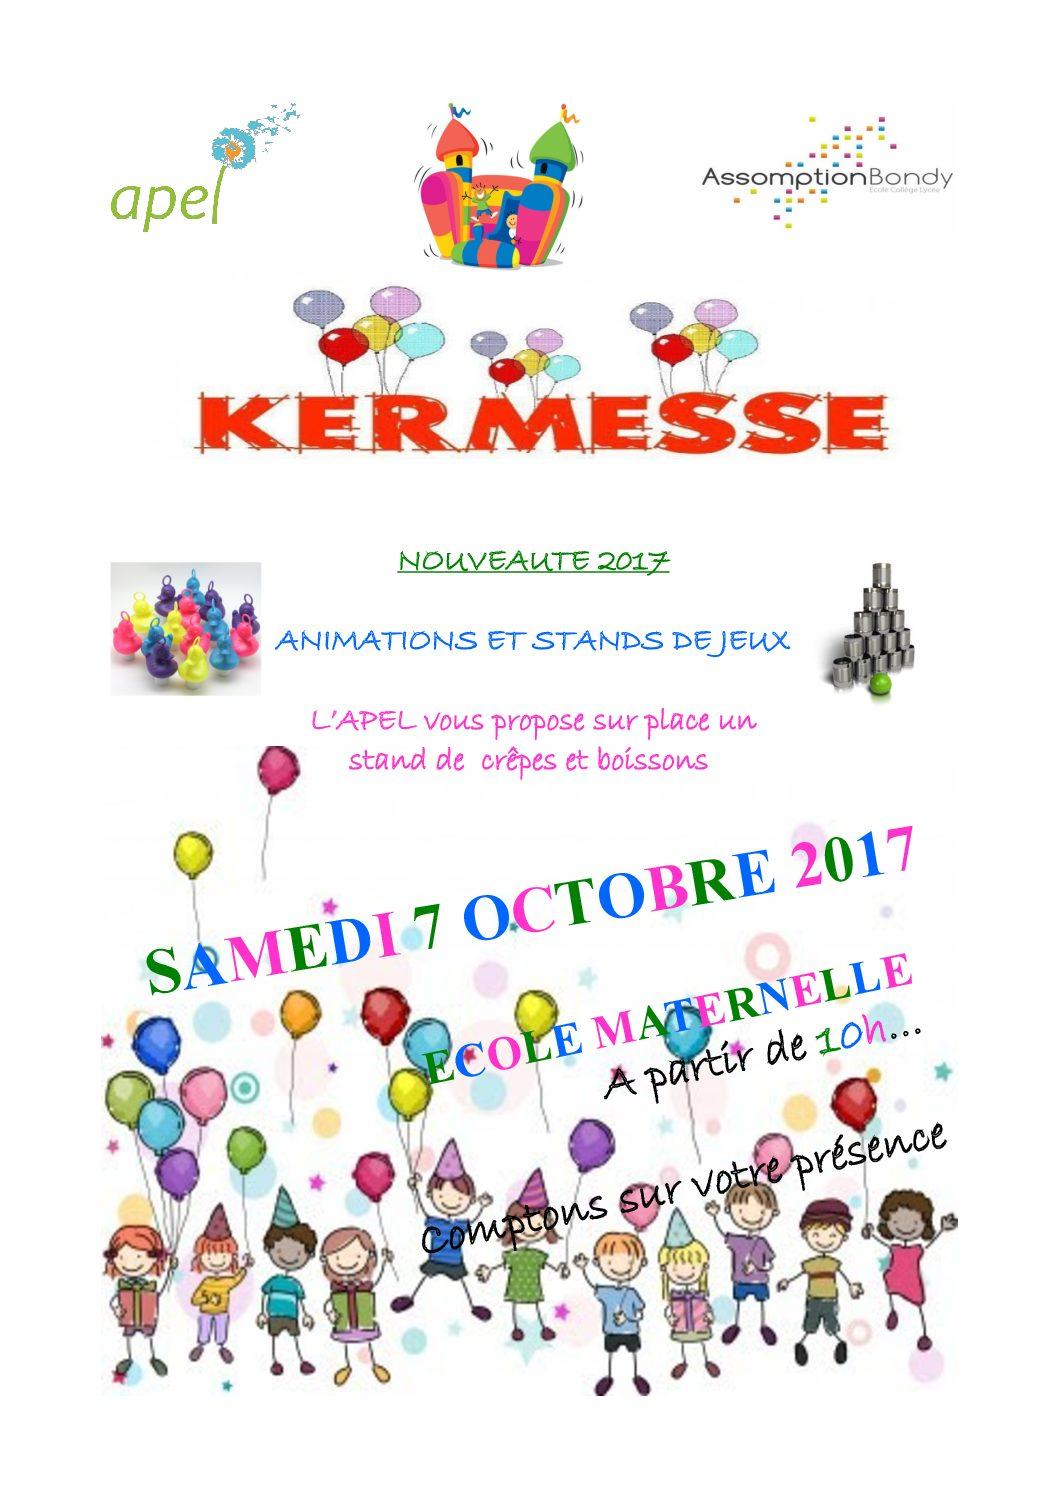 Nouvelle Kermesse des petits : 7 octobre